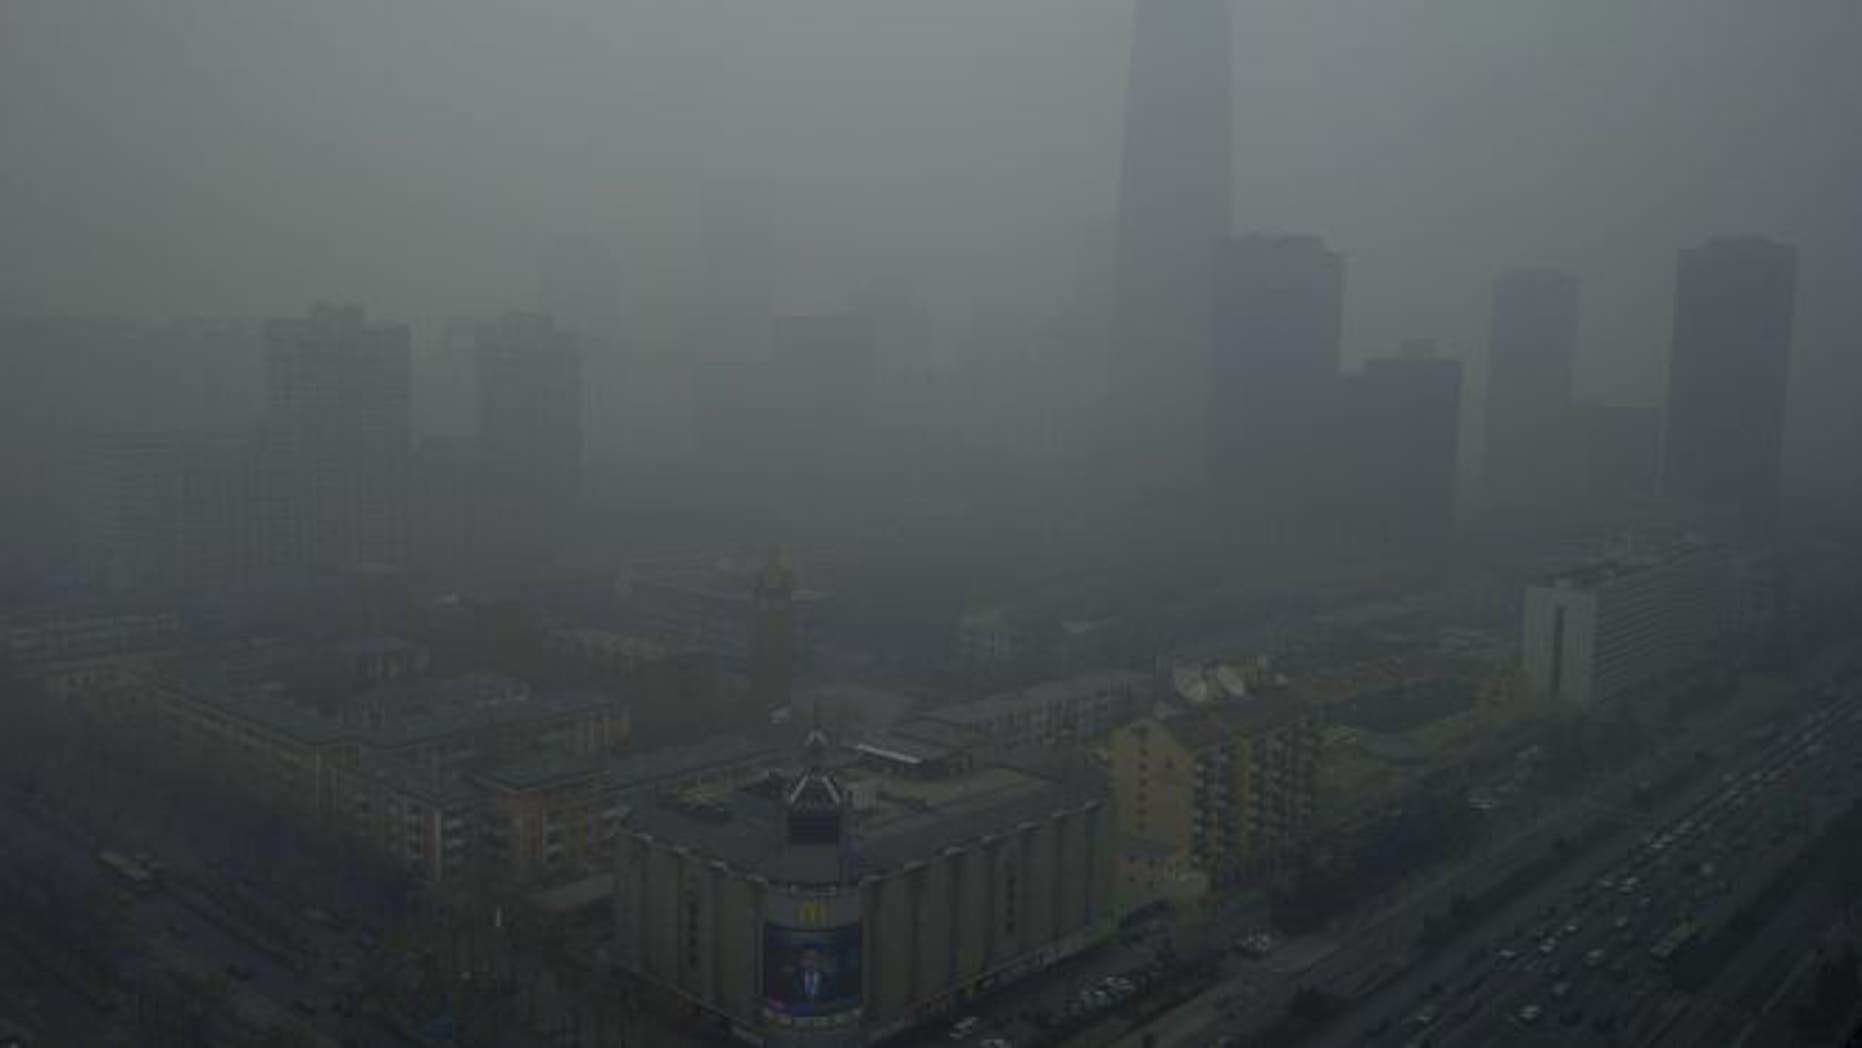 Jan. 13, 2013: Skyscrapers are obscure by heavy haze in Beijing.